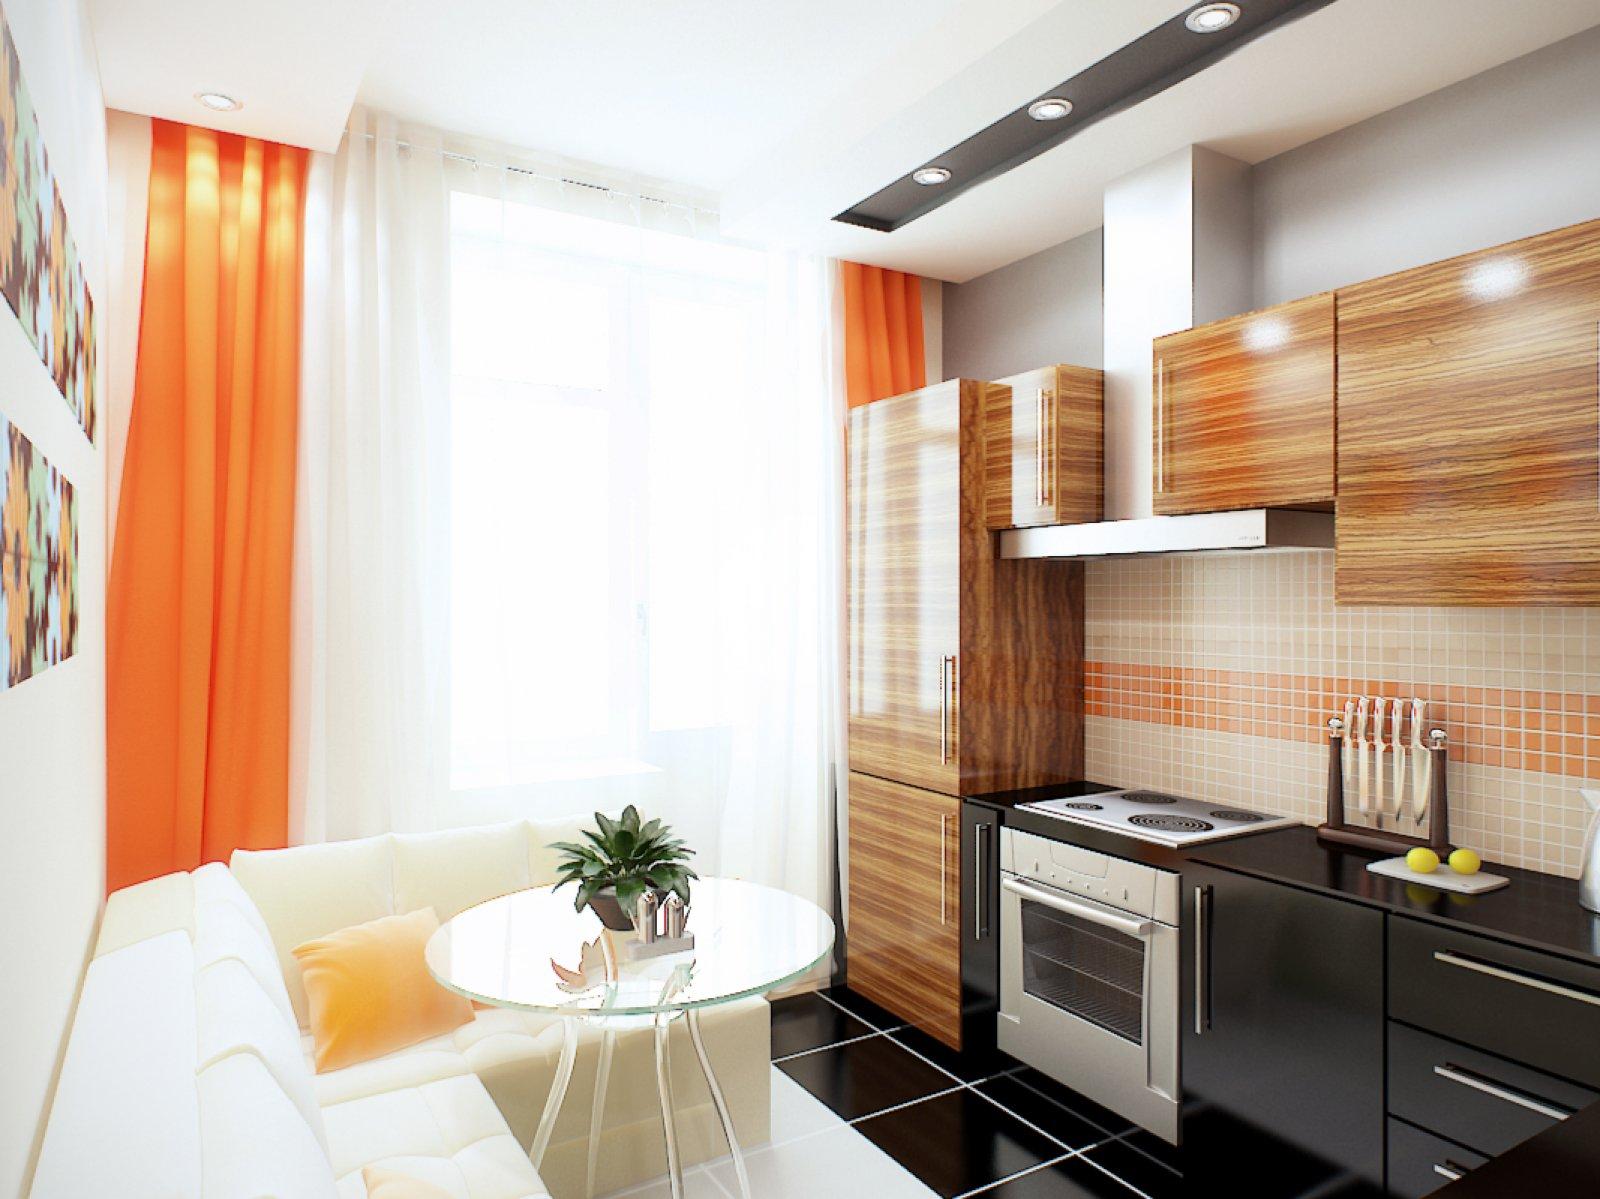 кухня 9 кв м с диваном интерьер фото